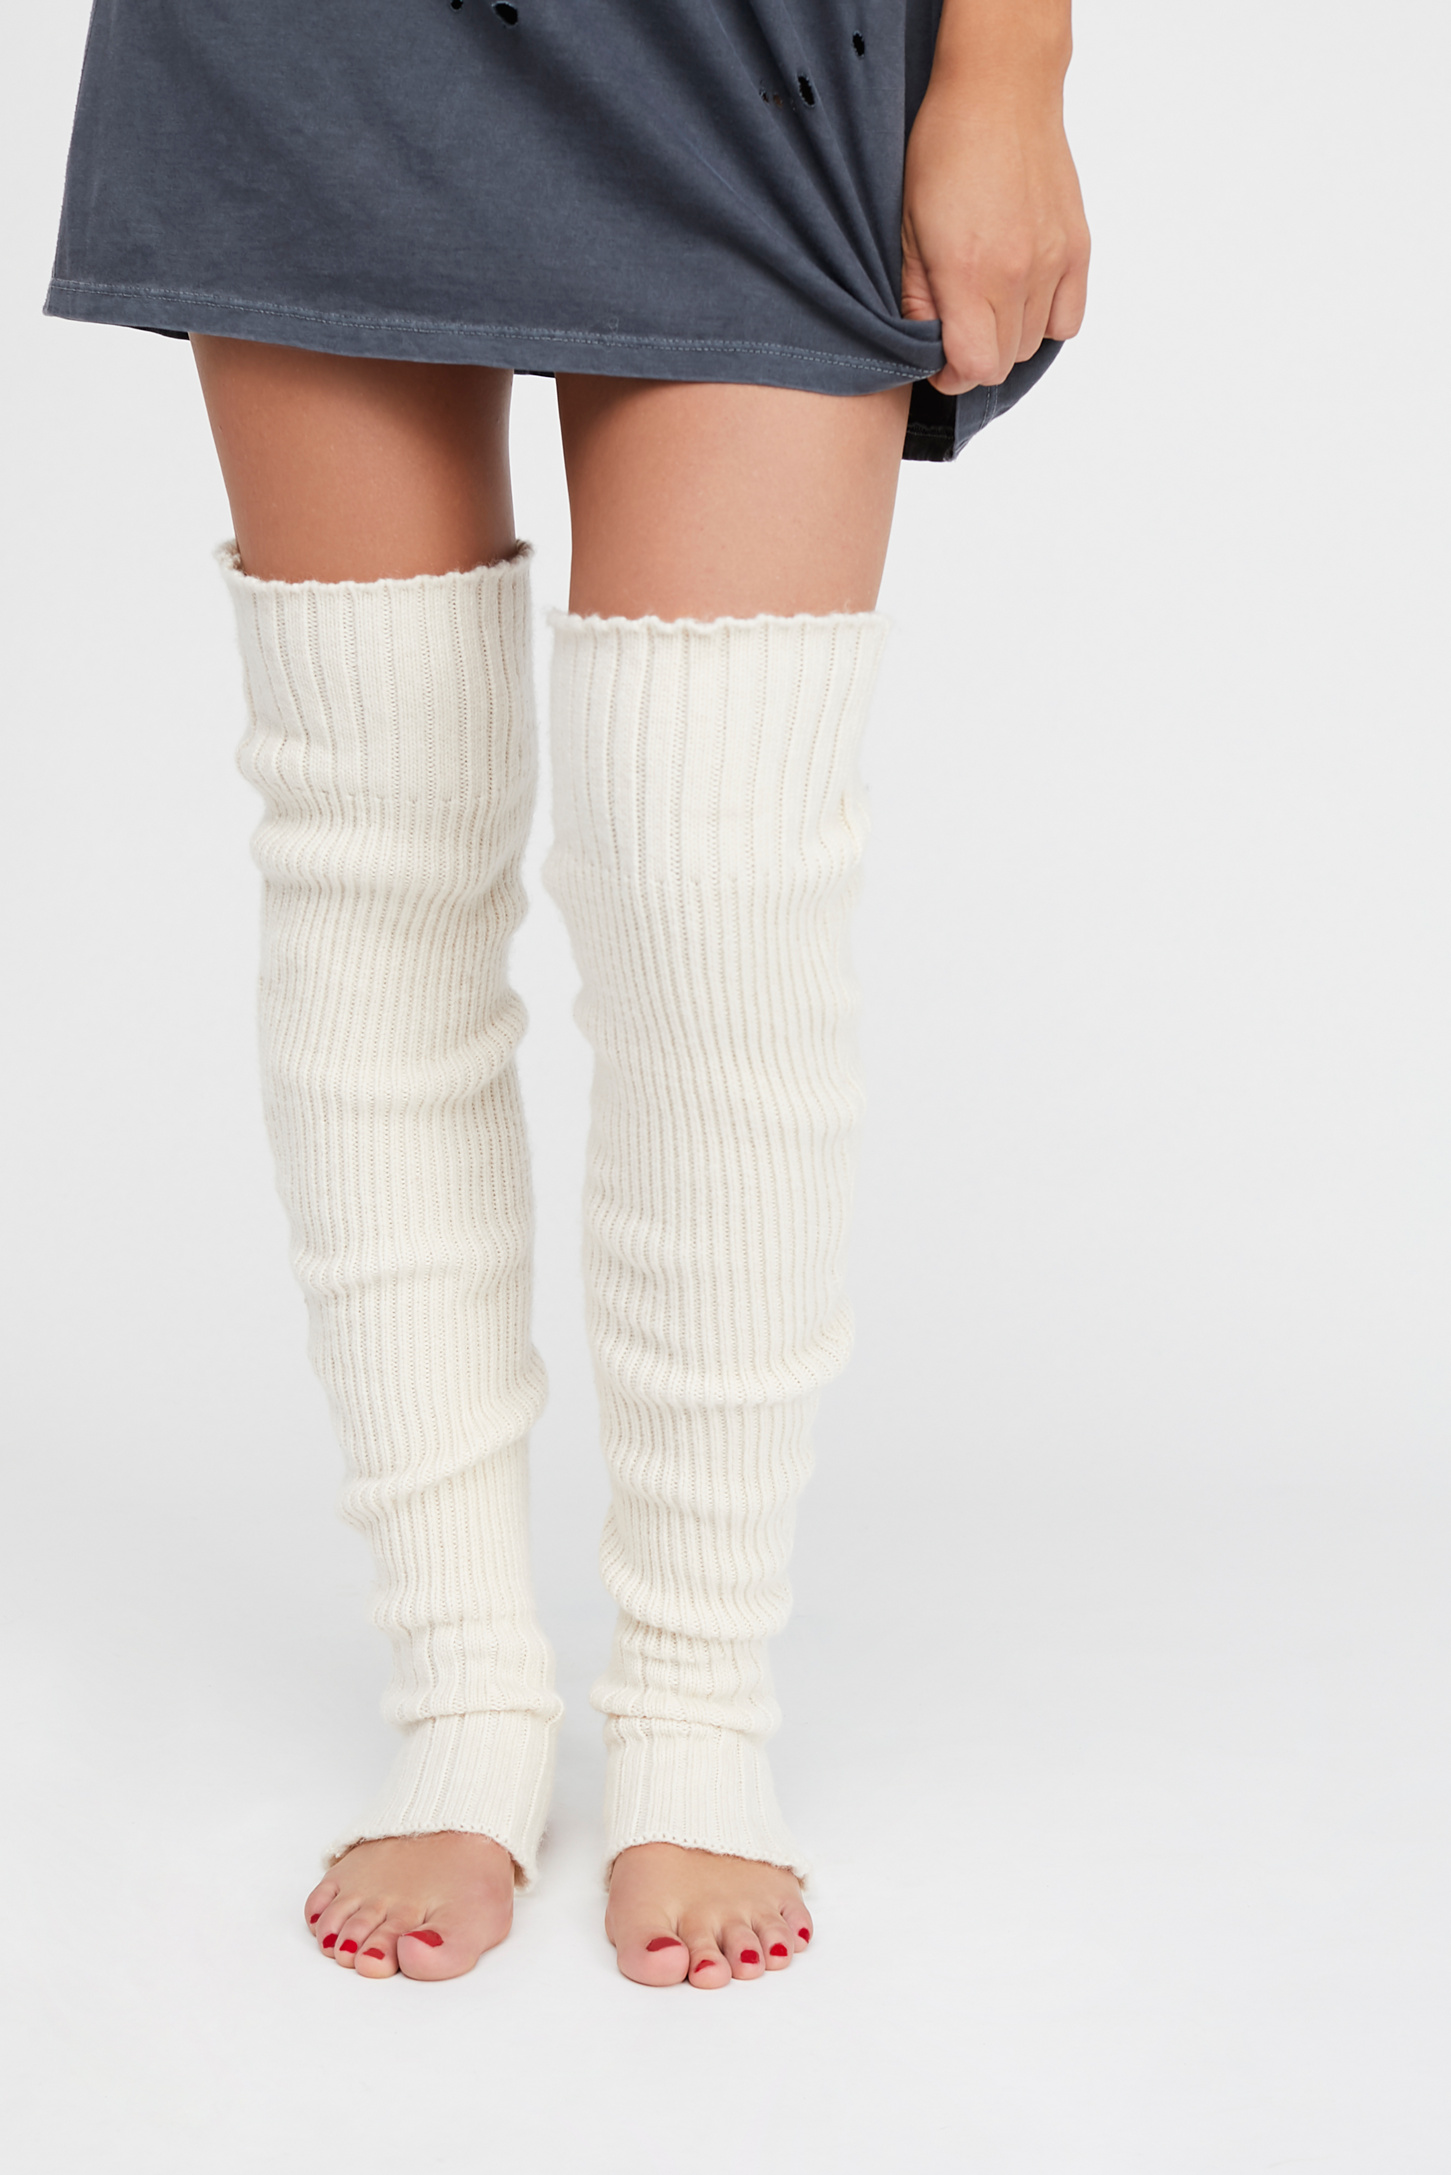 Knee High Socks & Over the Knee Socks | Tall Socks for Women | Free ...